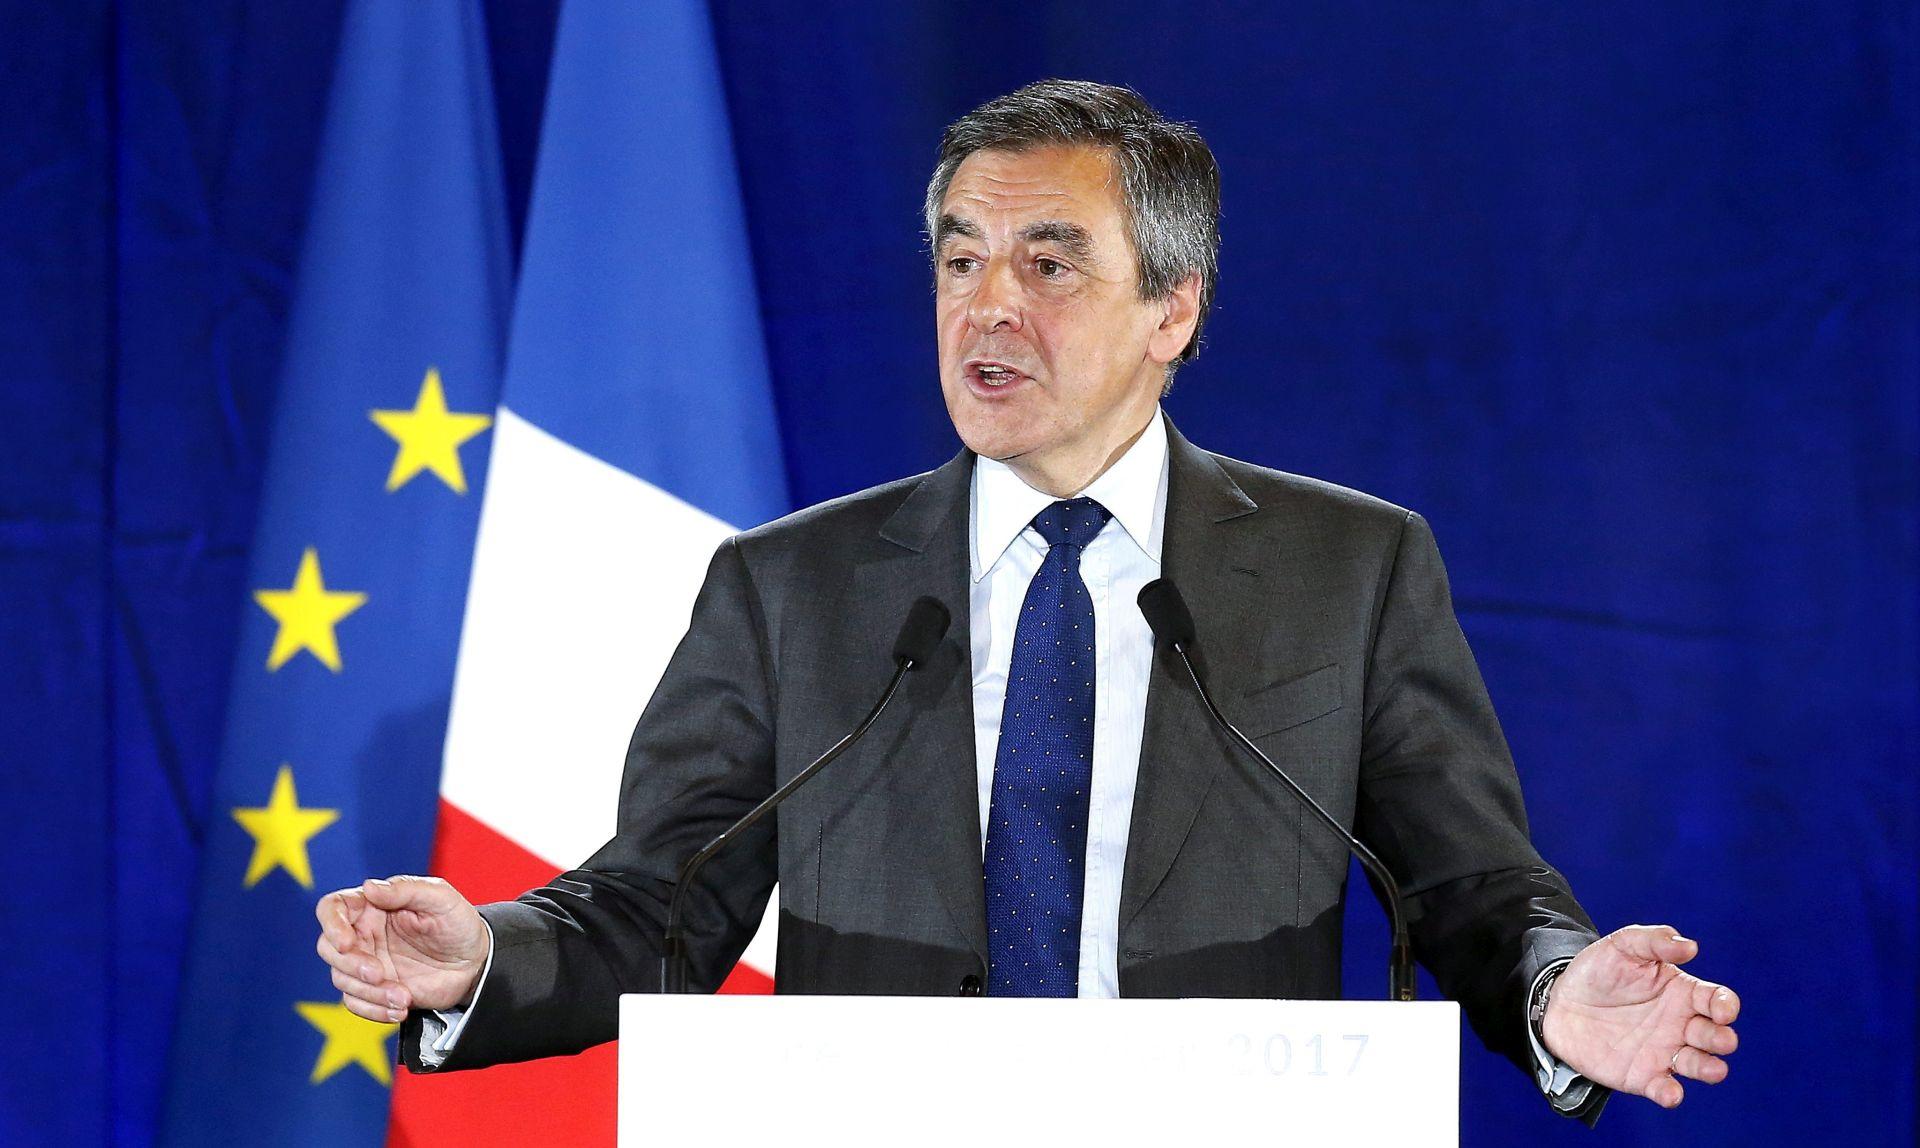 FRANCUSKI MEDIJI Francois Fillon je možda upleten u još jednu aferu